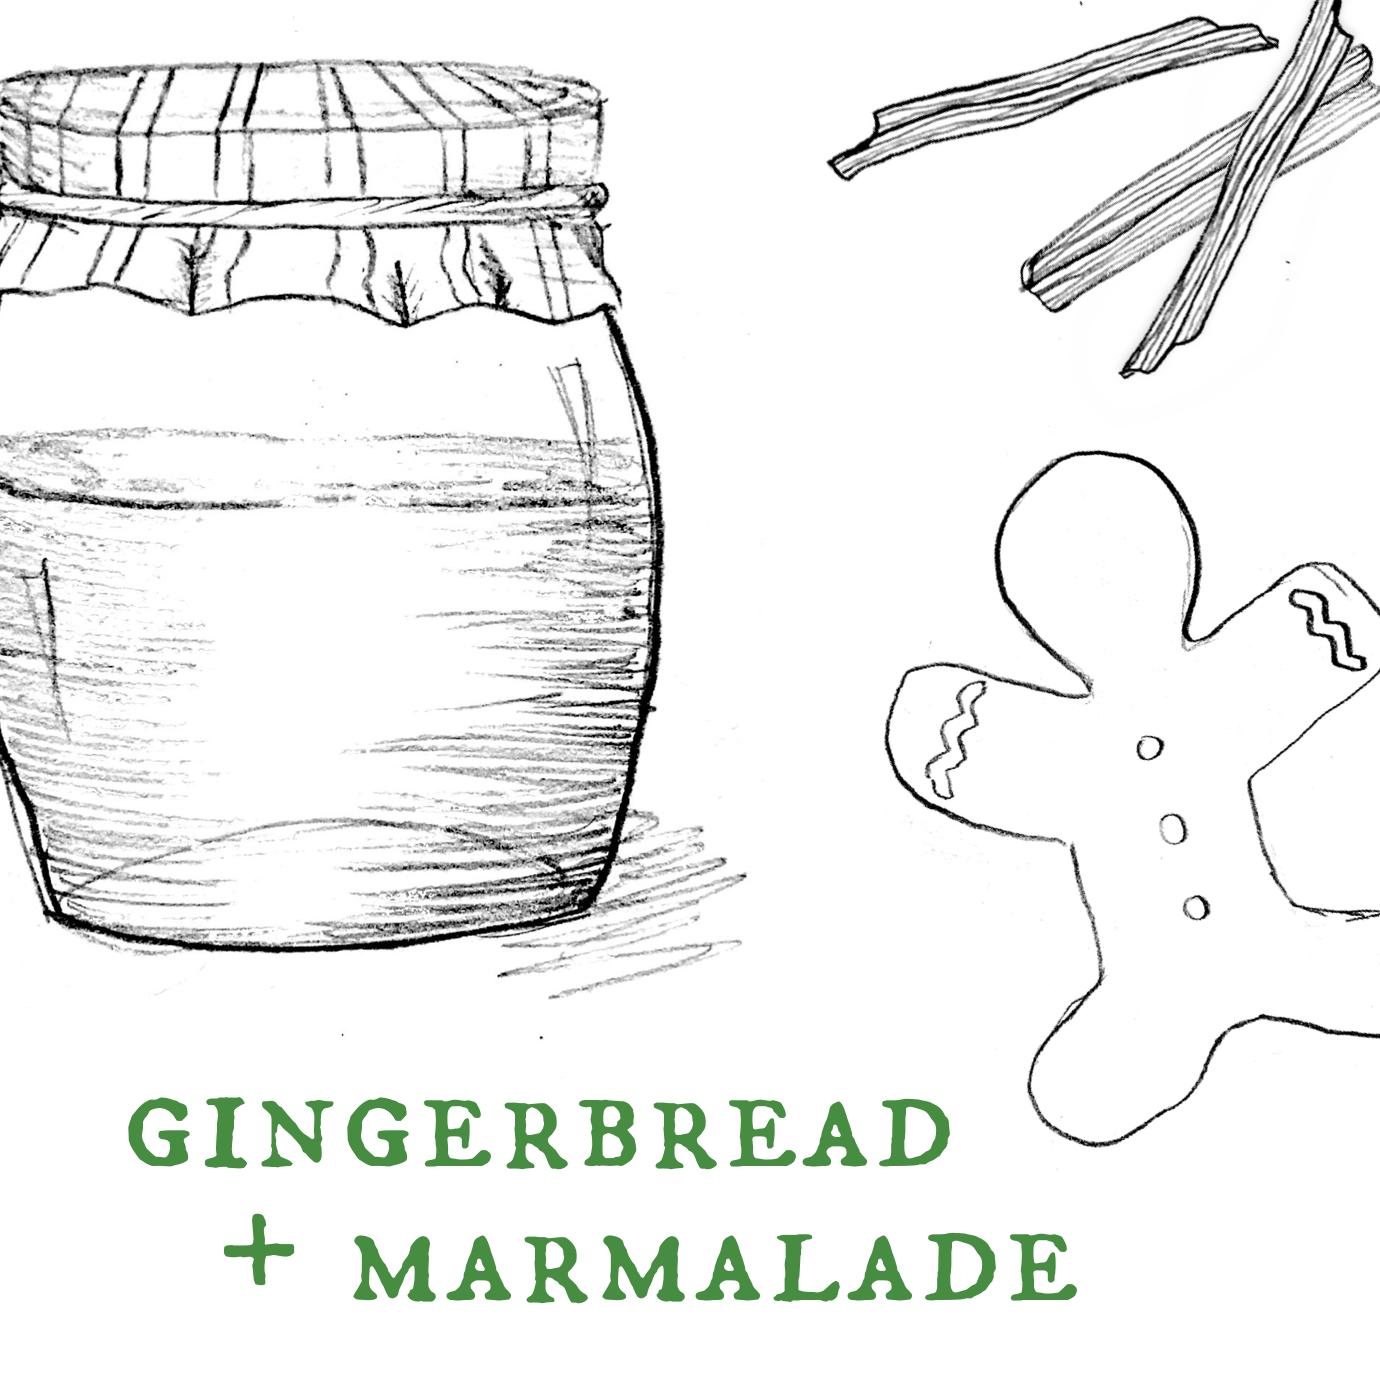 GingerbreadMarmalade.png